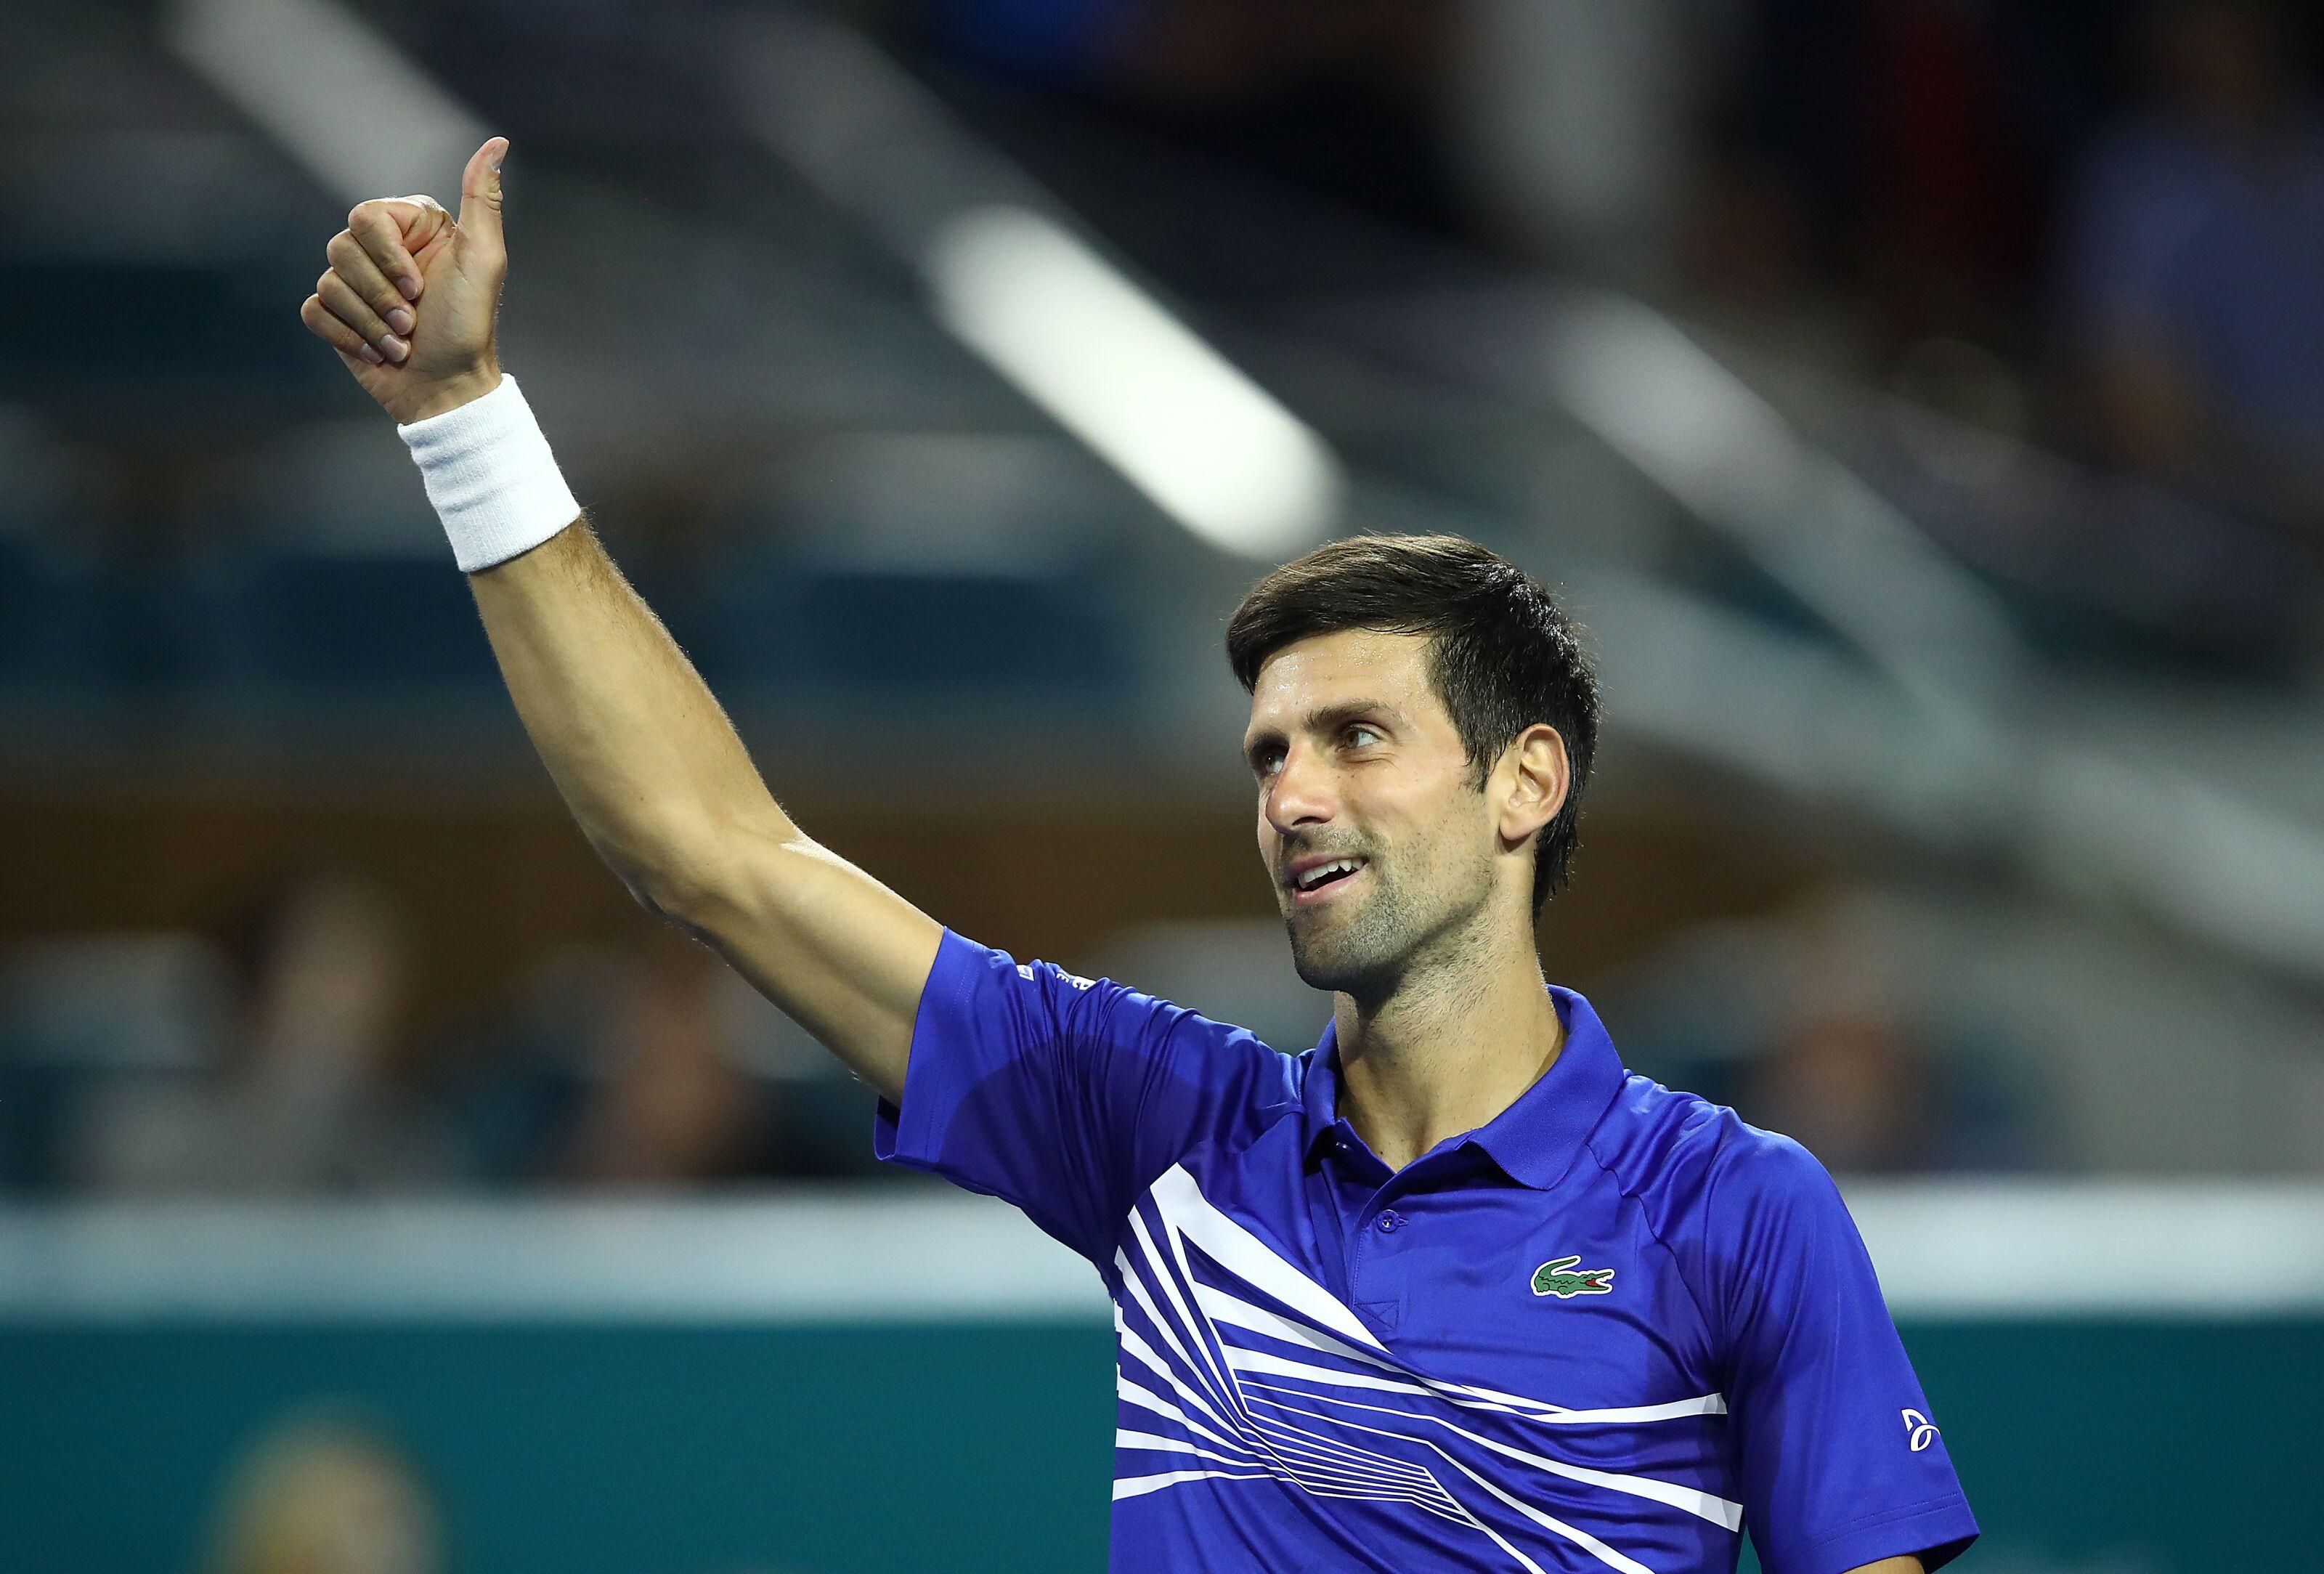 Novak Djokovic among early 2019 Miami Open winners